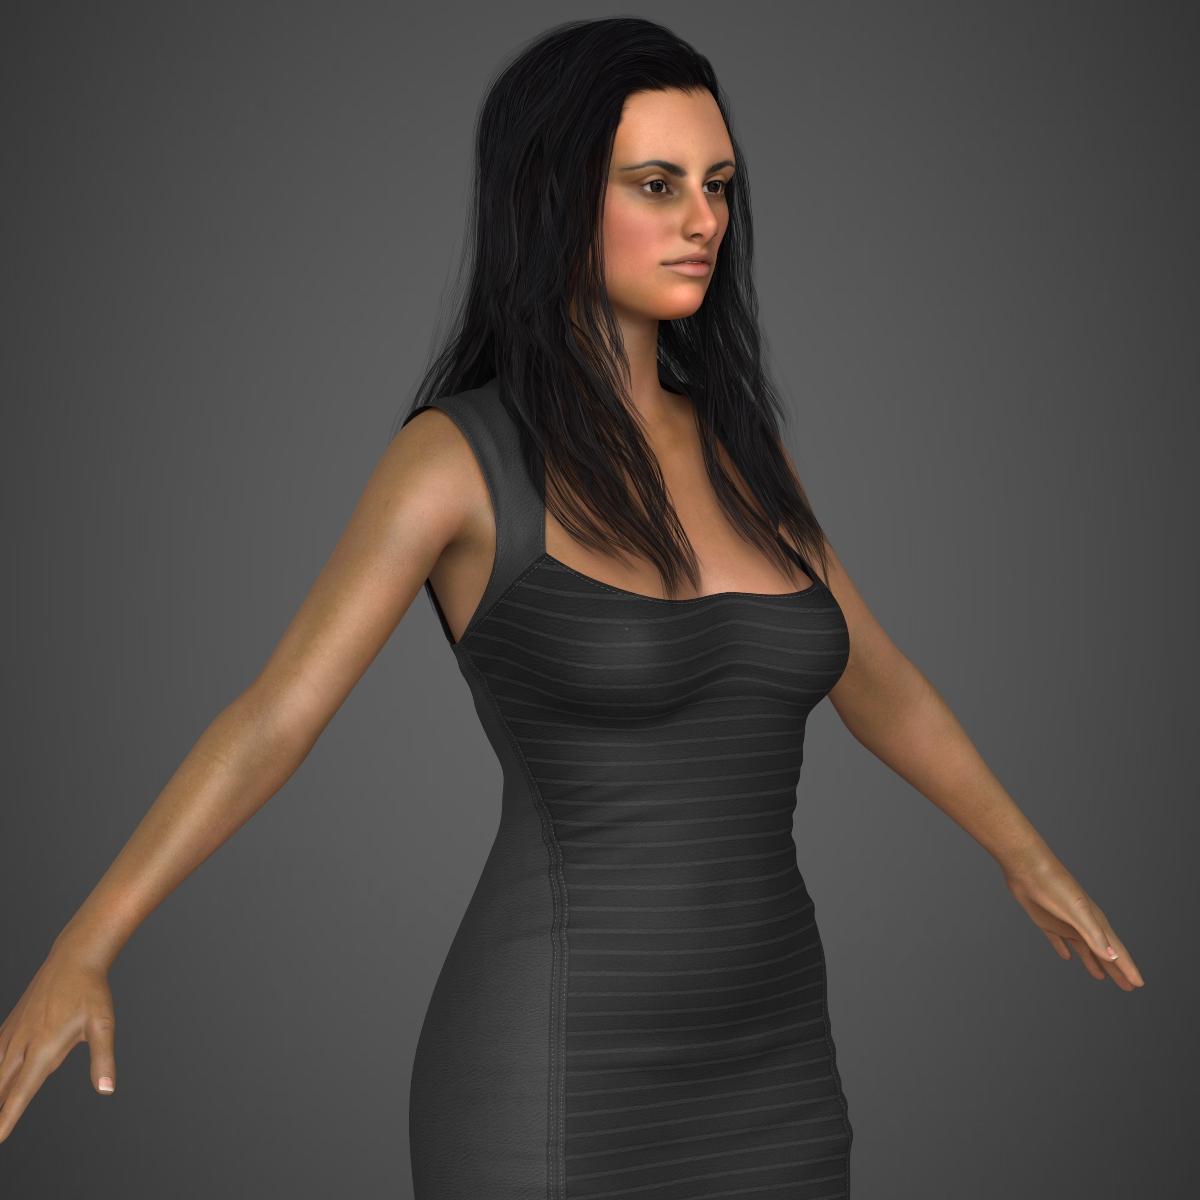 young sexy woman 3d model max fbx c4d ma mb texture obj 221223